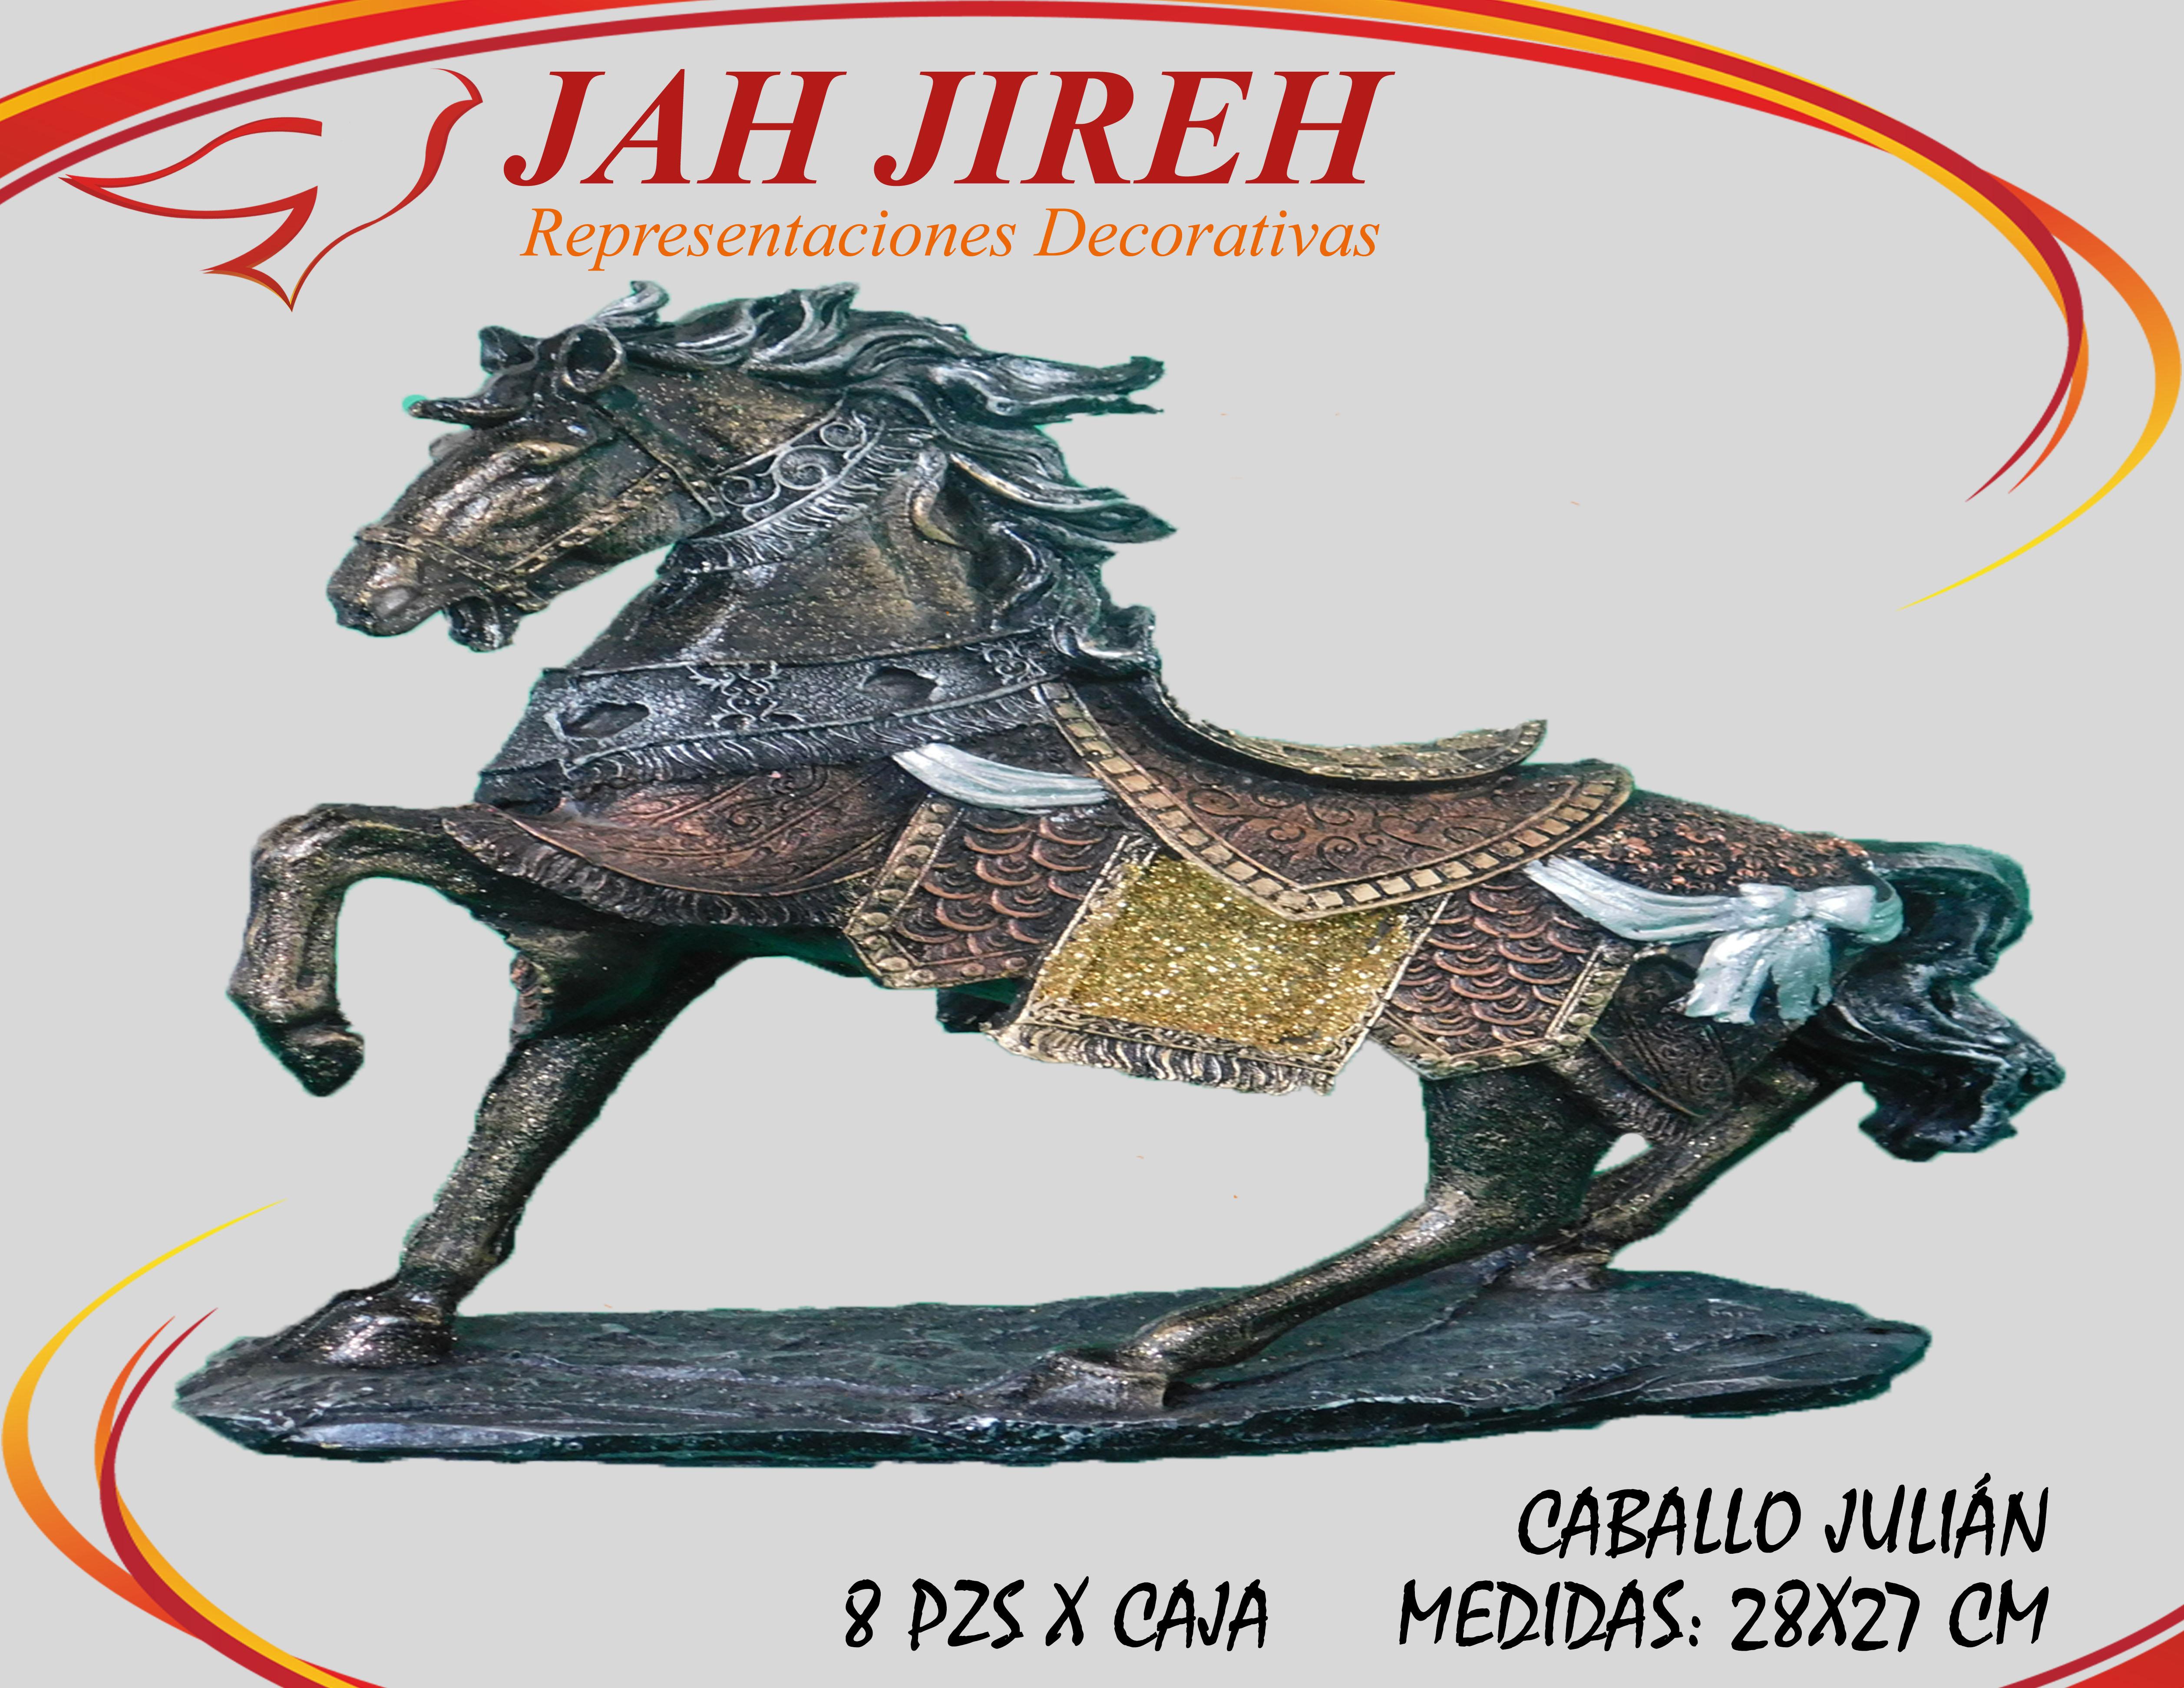 https://0201.nccdn.net/1_2/000/000/141/a05/caballo-julian.jpg